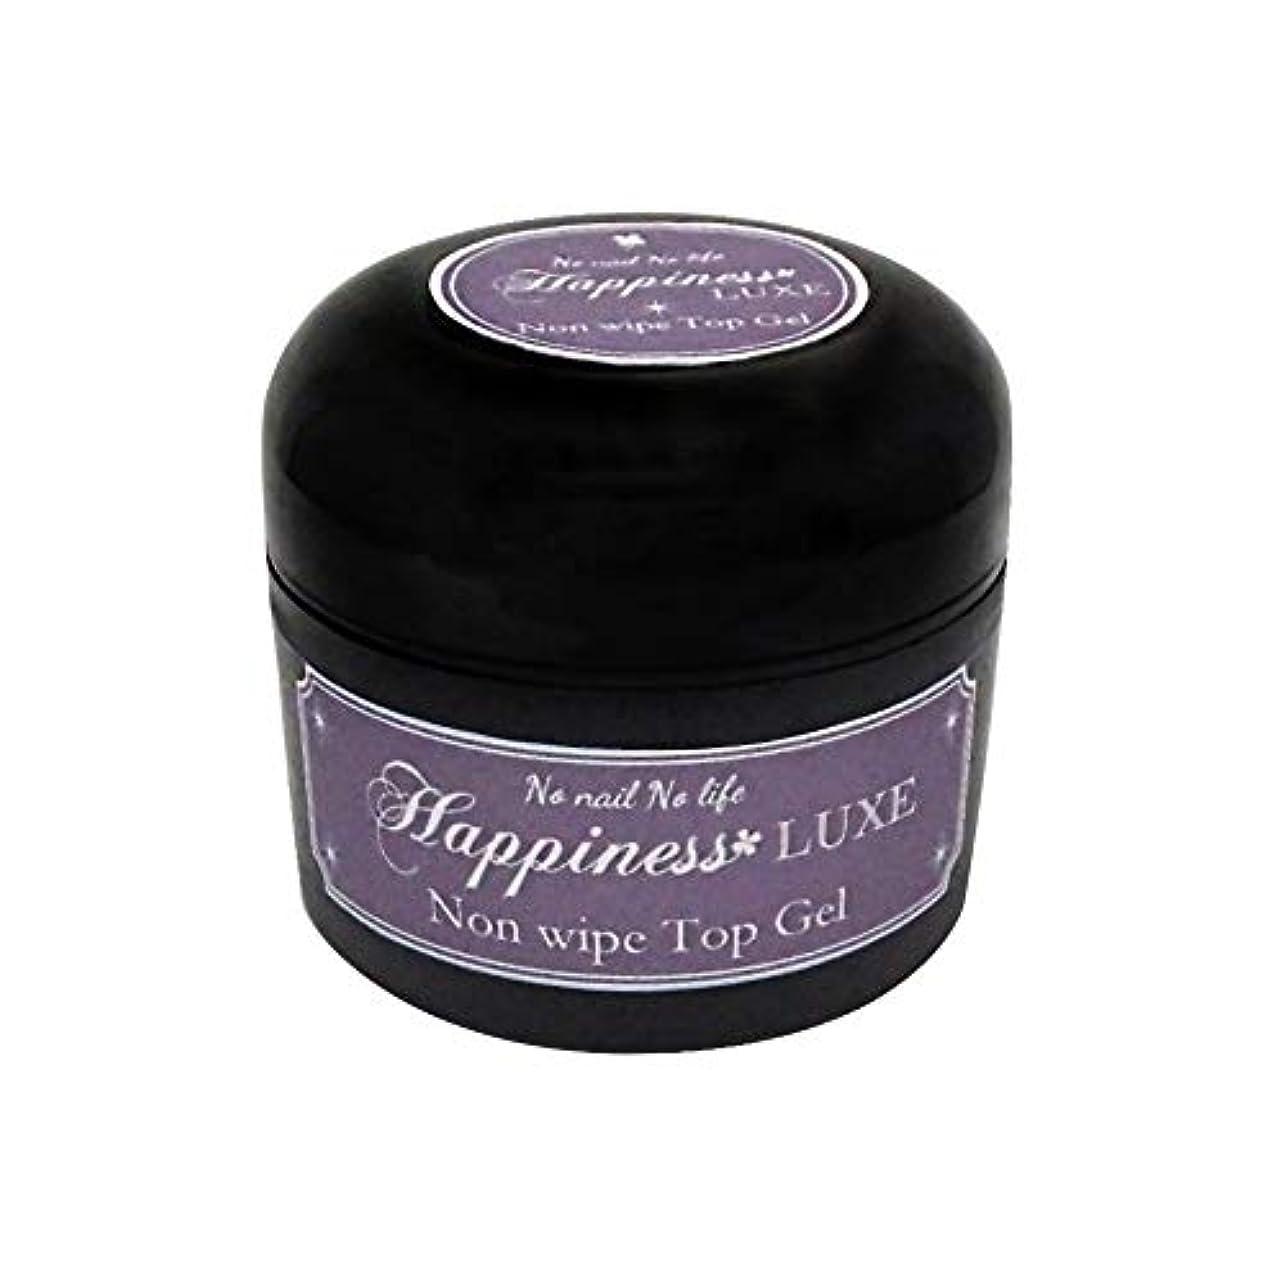 ジェルネイル《ストーンアートに最適!》Happiness LUXE ハピネスリュクス セミハード ノンワイプトップジェル (30g)